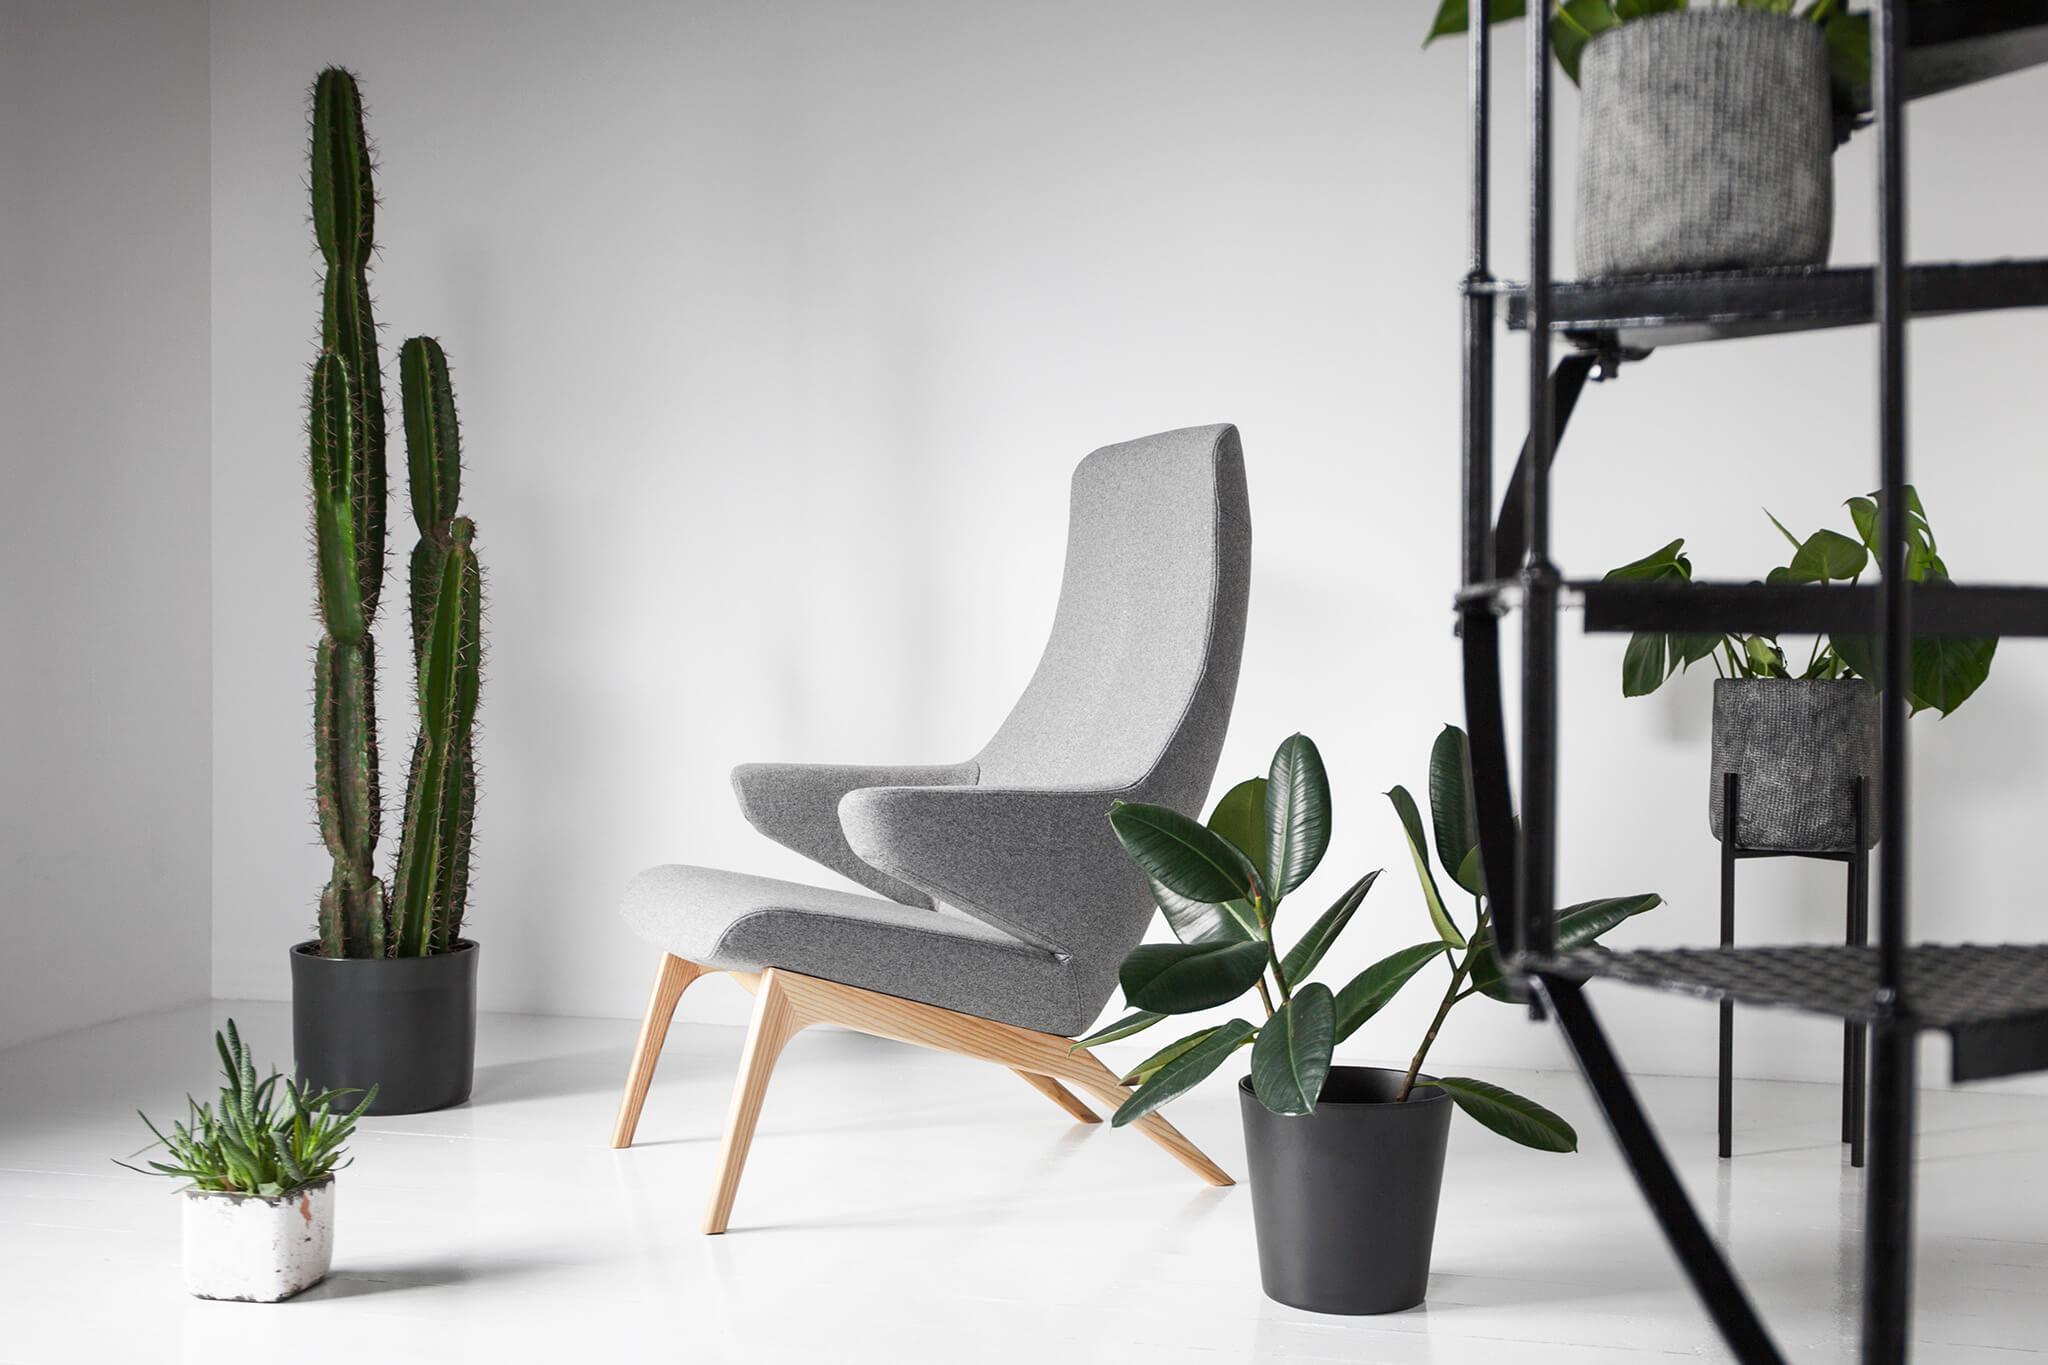 OOT-OOT_Studio_armchair_VOOG-wooly-light-grey-vv nordica